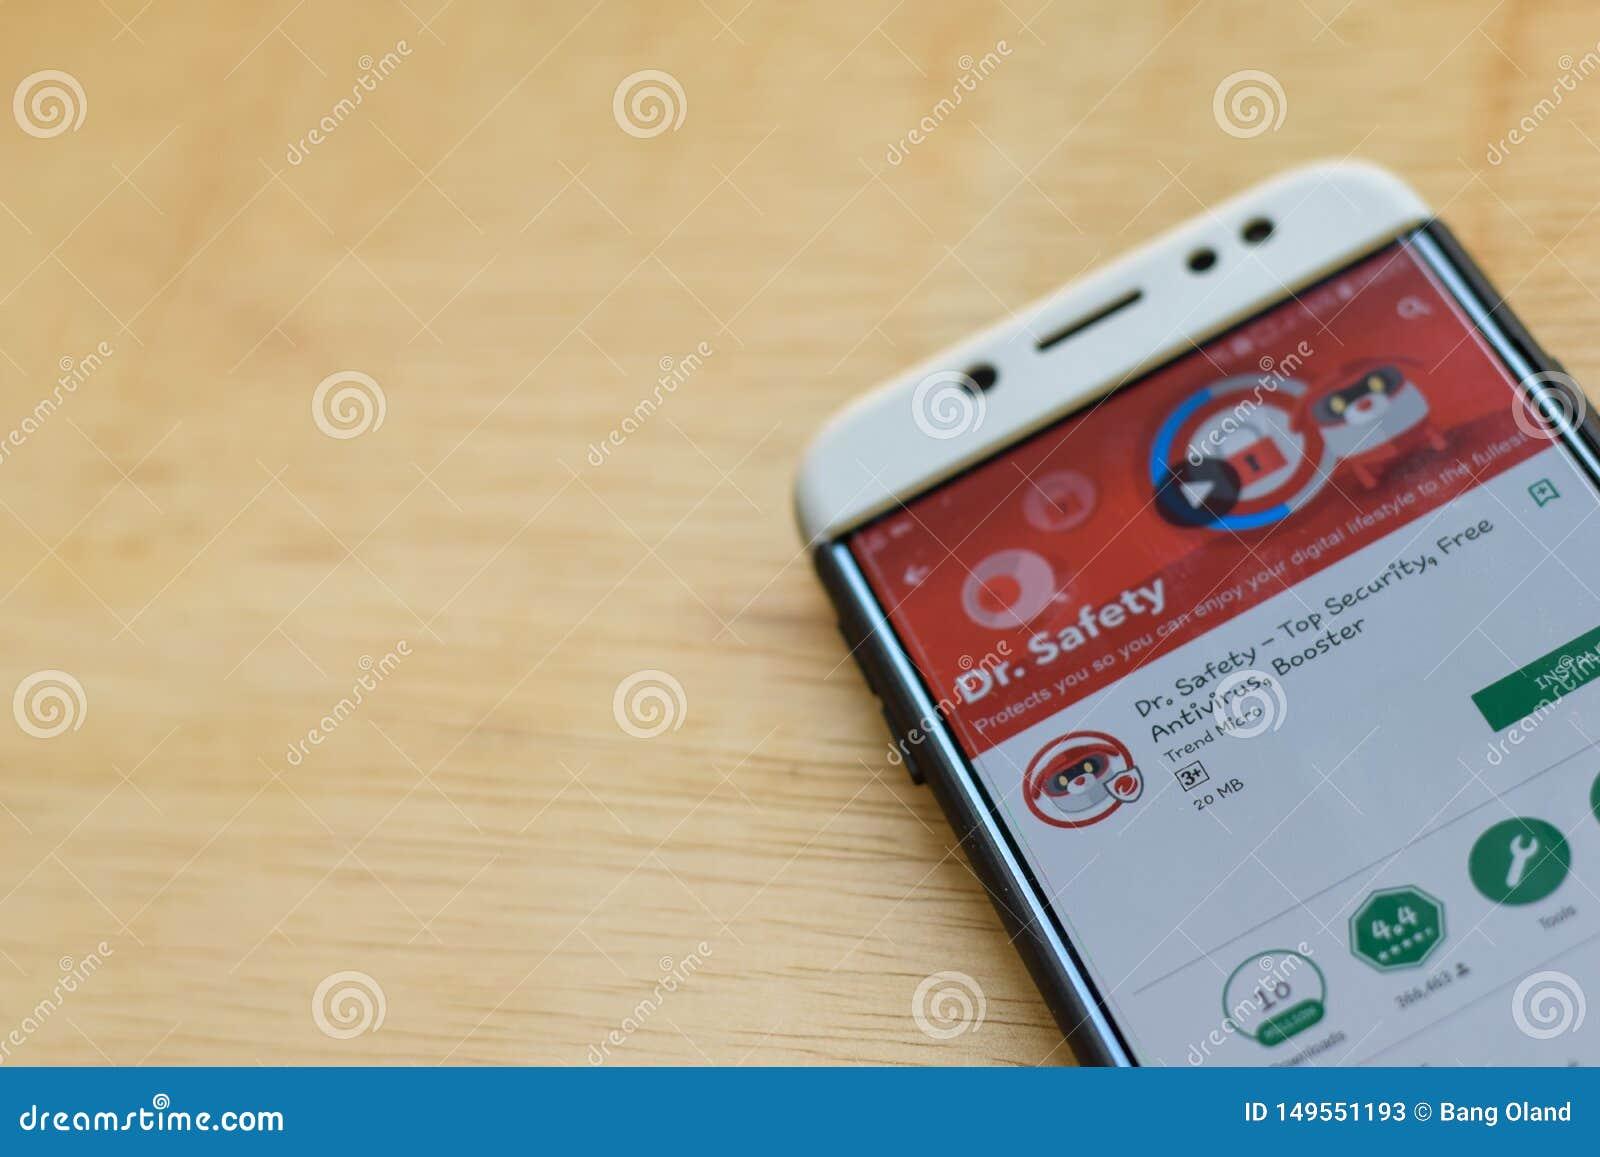 : Dr Bezpieczeństwo - Odgórny ochrony dev zastosowanie na Smartphone ekranie Bezpłatny Antivirus, detonator jest freeware przeglą